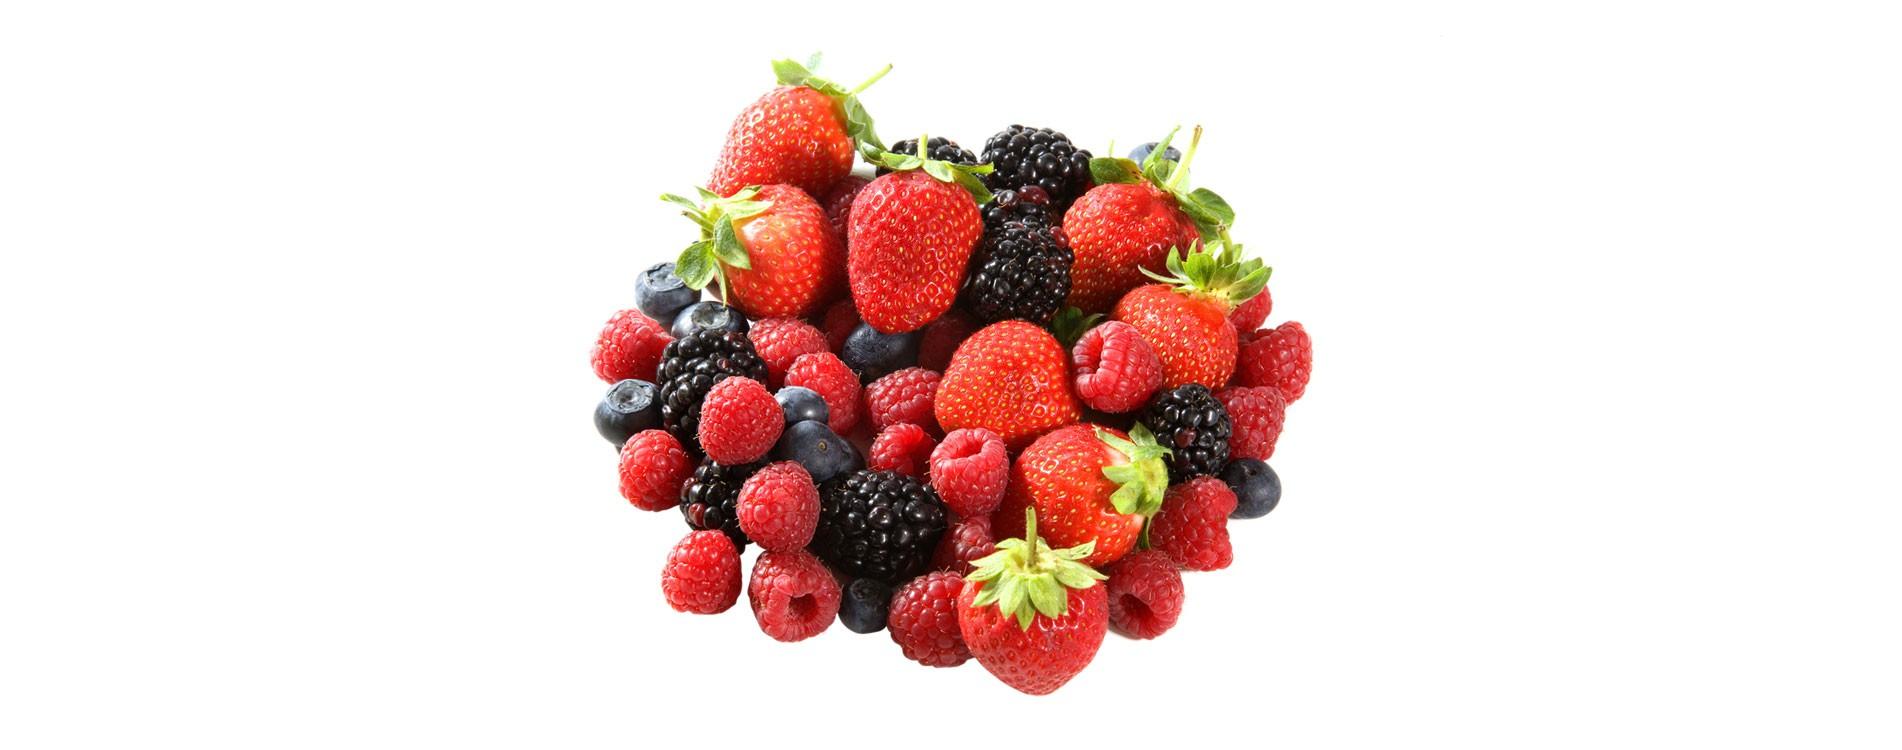 Fresas, frambuesas, arándanos y moras